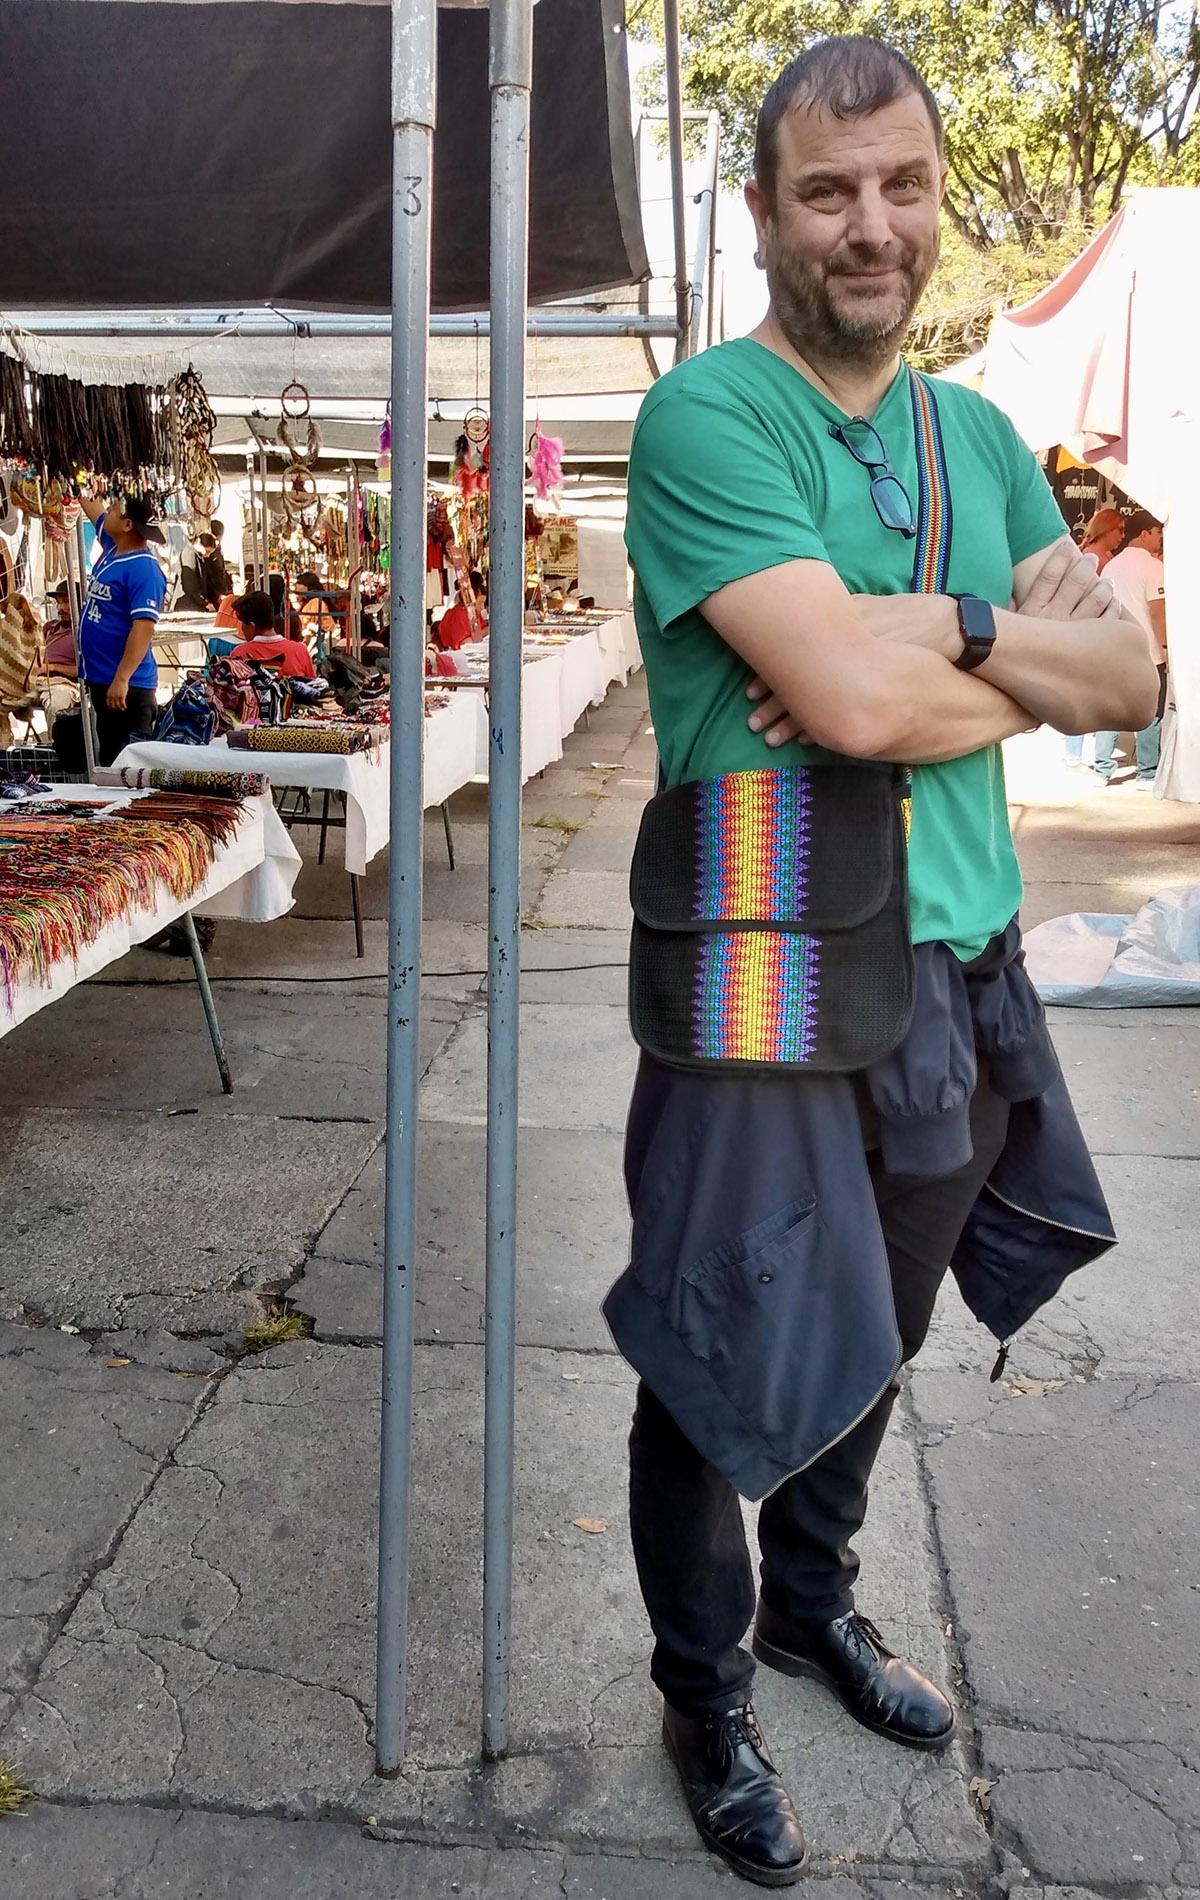 tianguis cultural flea market man with bag